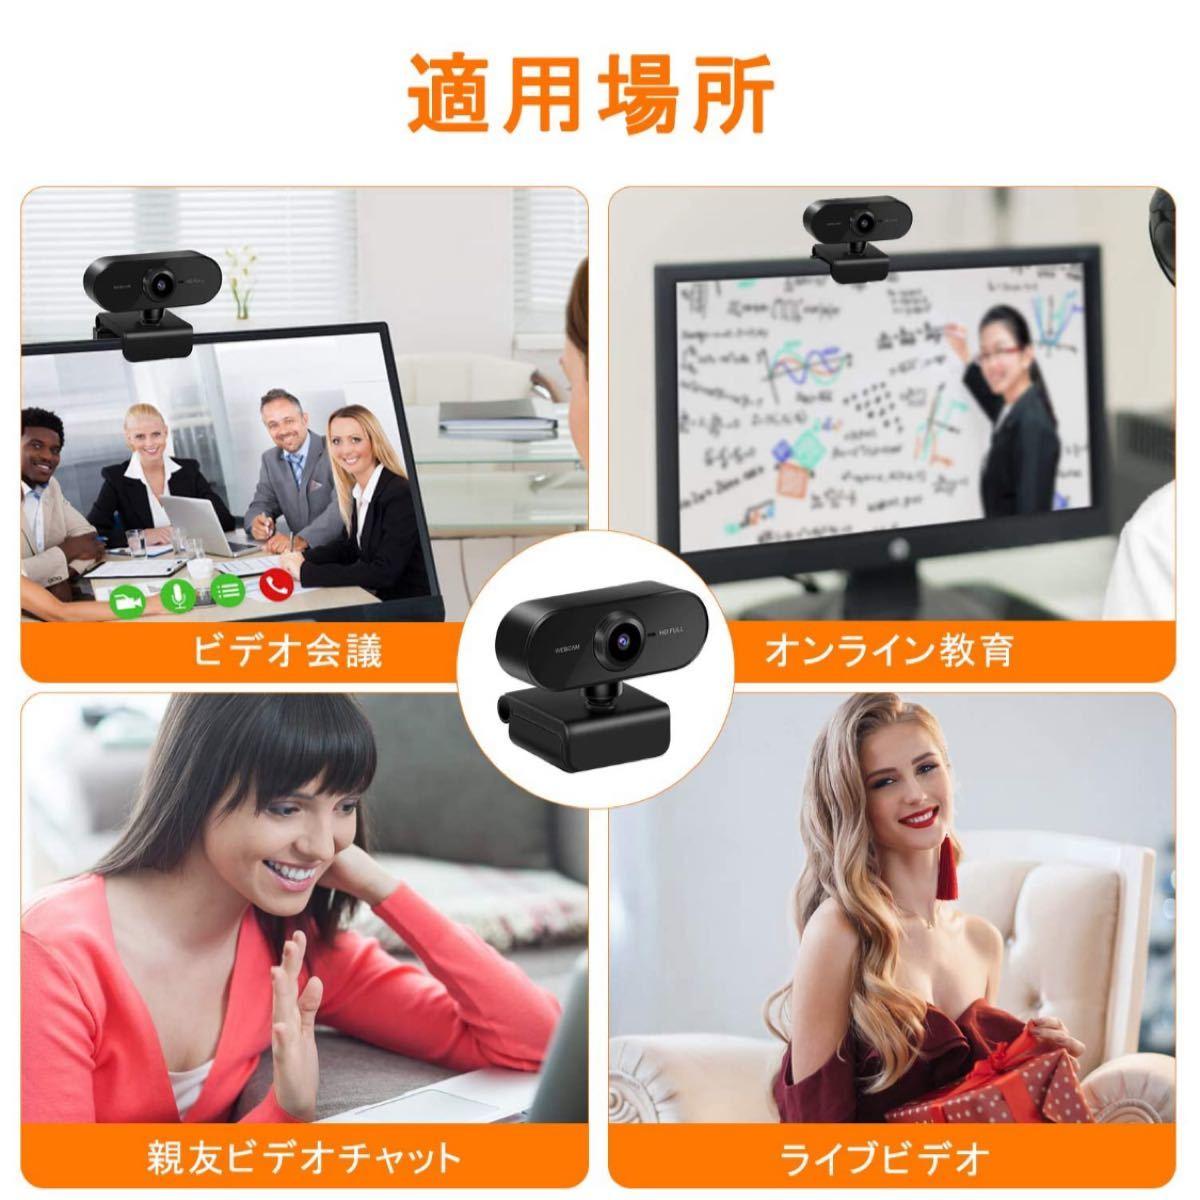 ウェブカメラ Yihao Webカメラ フルHD1080P マイク内蔵 30FPS オートフォーカス